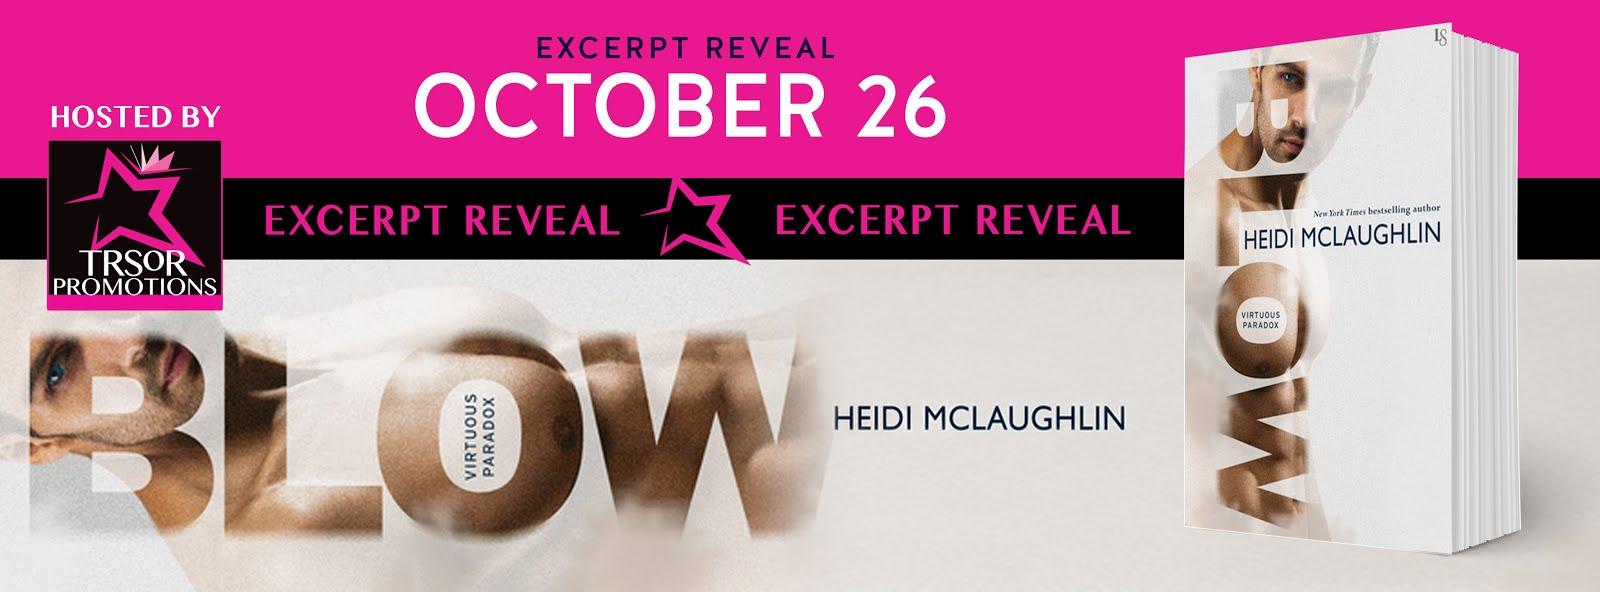 Blow Excerpt Reveal